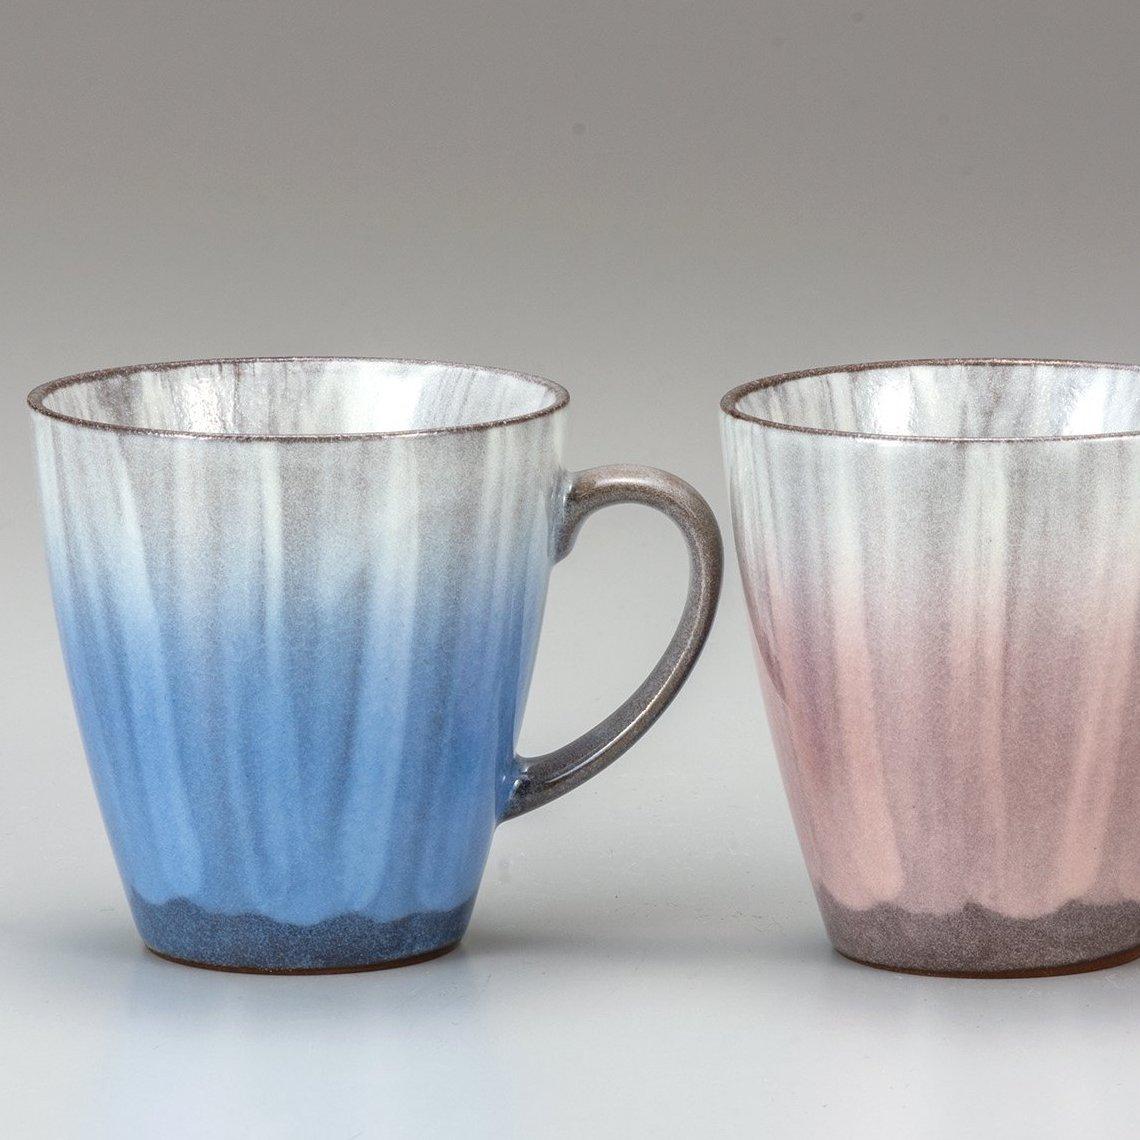 九谷焼ギフト ご贈答品 御祝い 九谷焼ペアマグカップ 釉彩